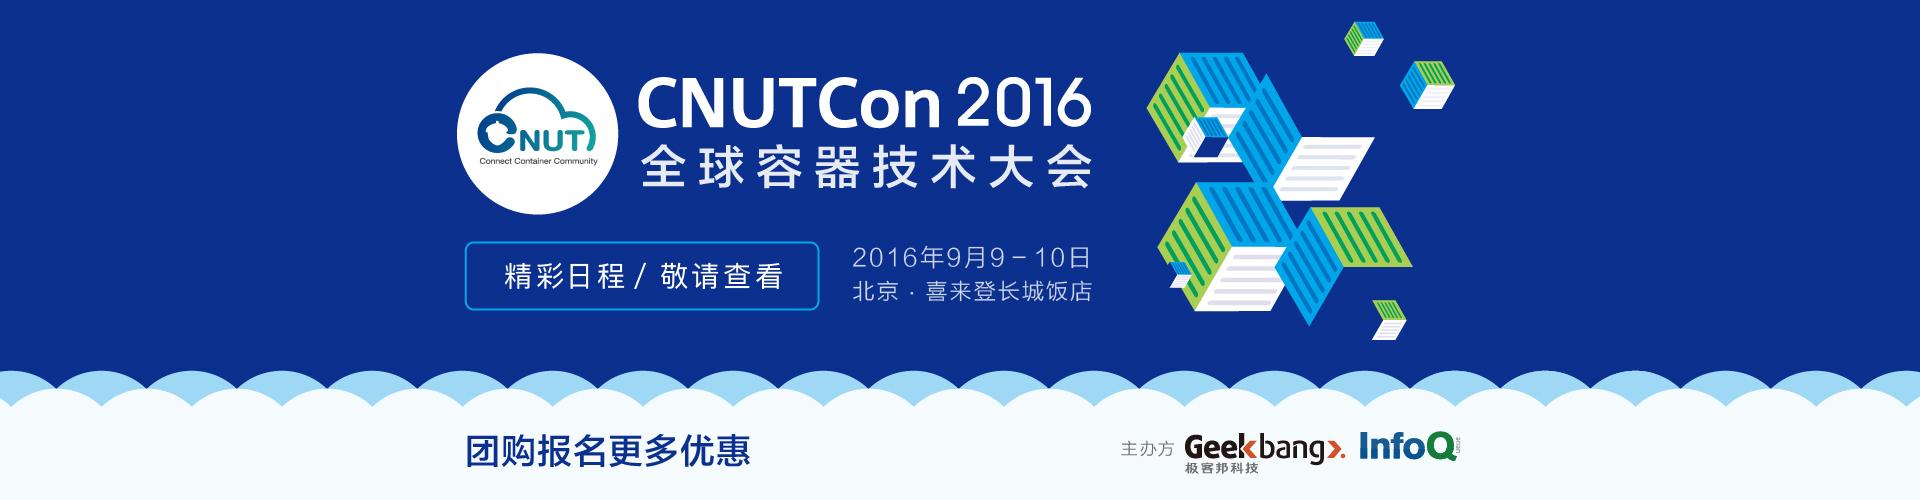 全球容器技术大会